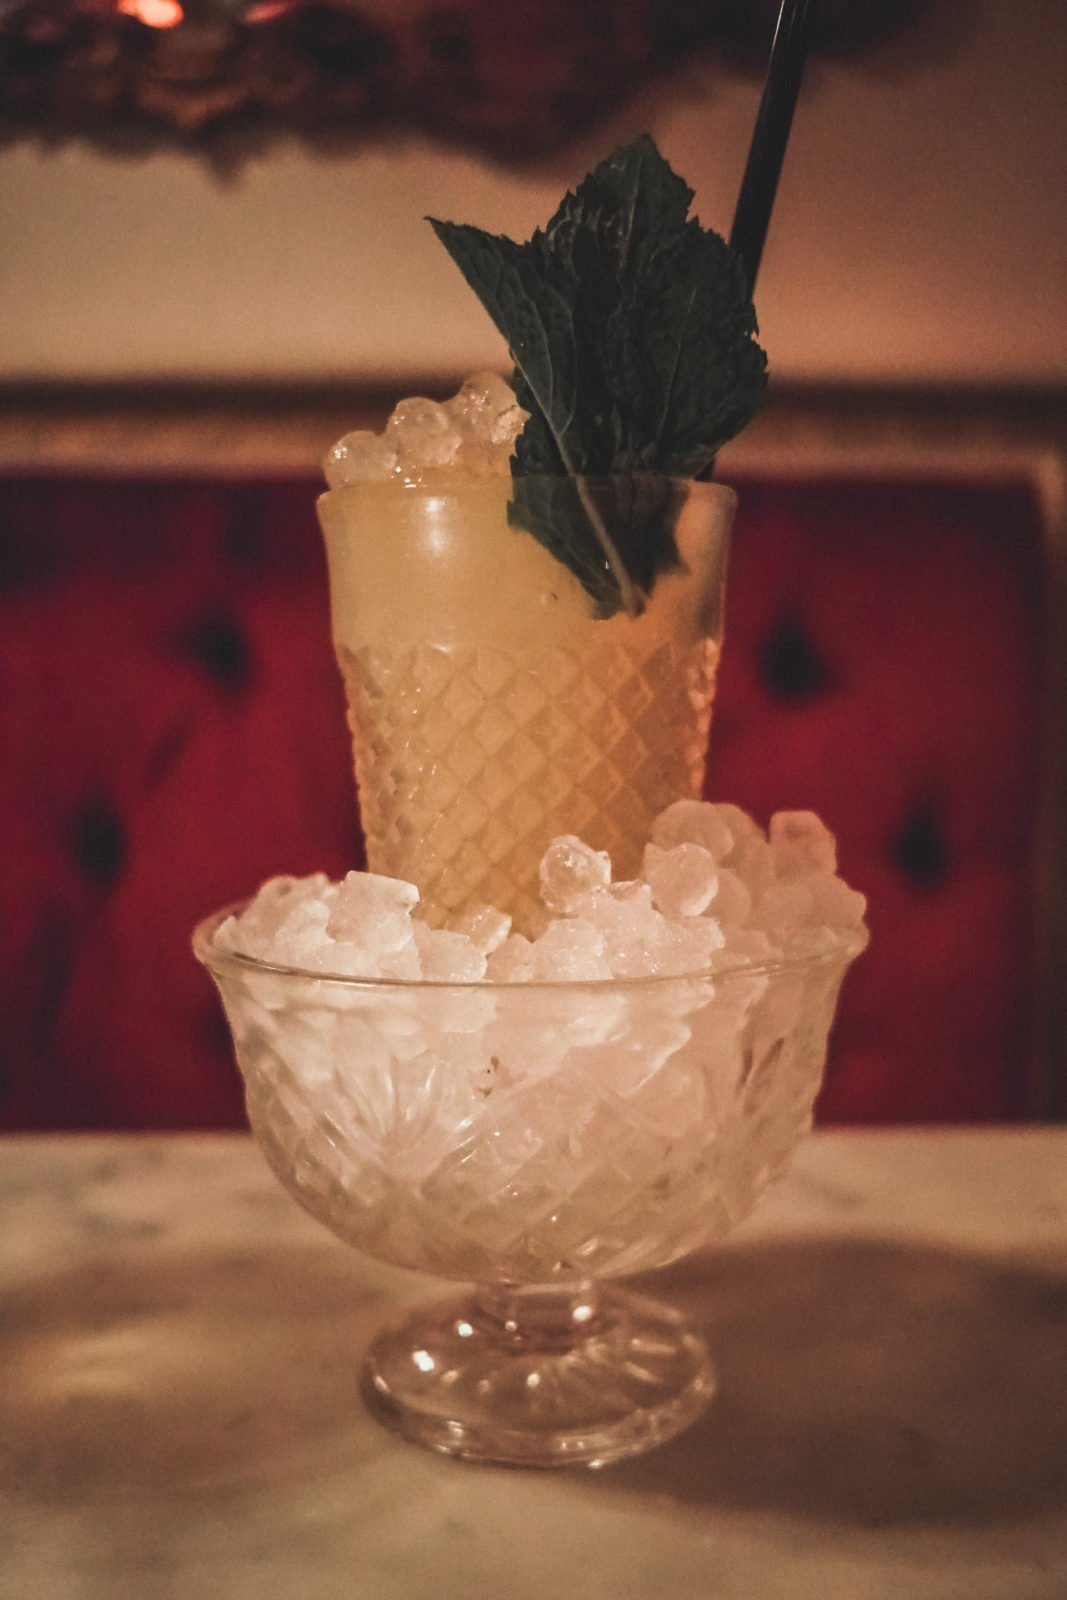 The Green Fairy - An Absinthe Drink